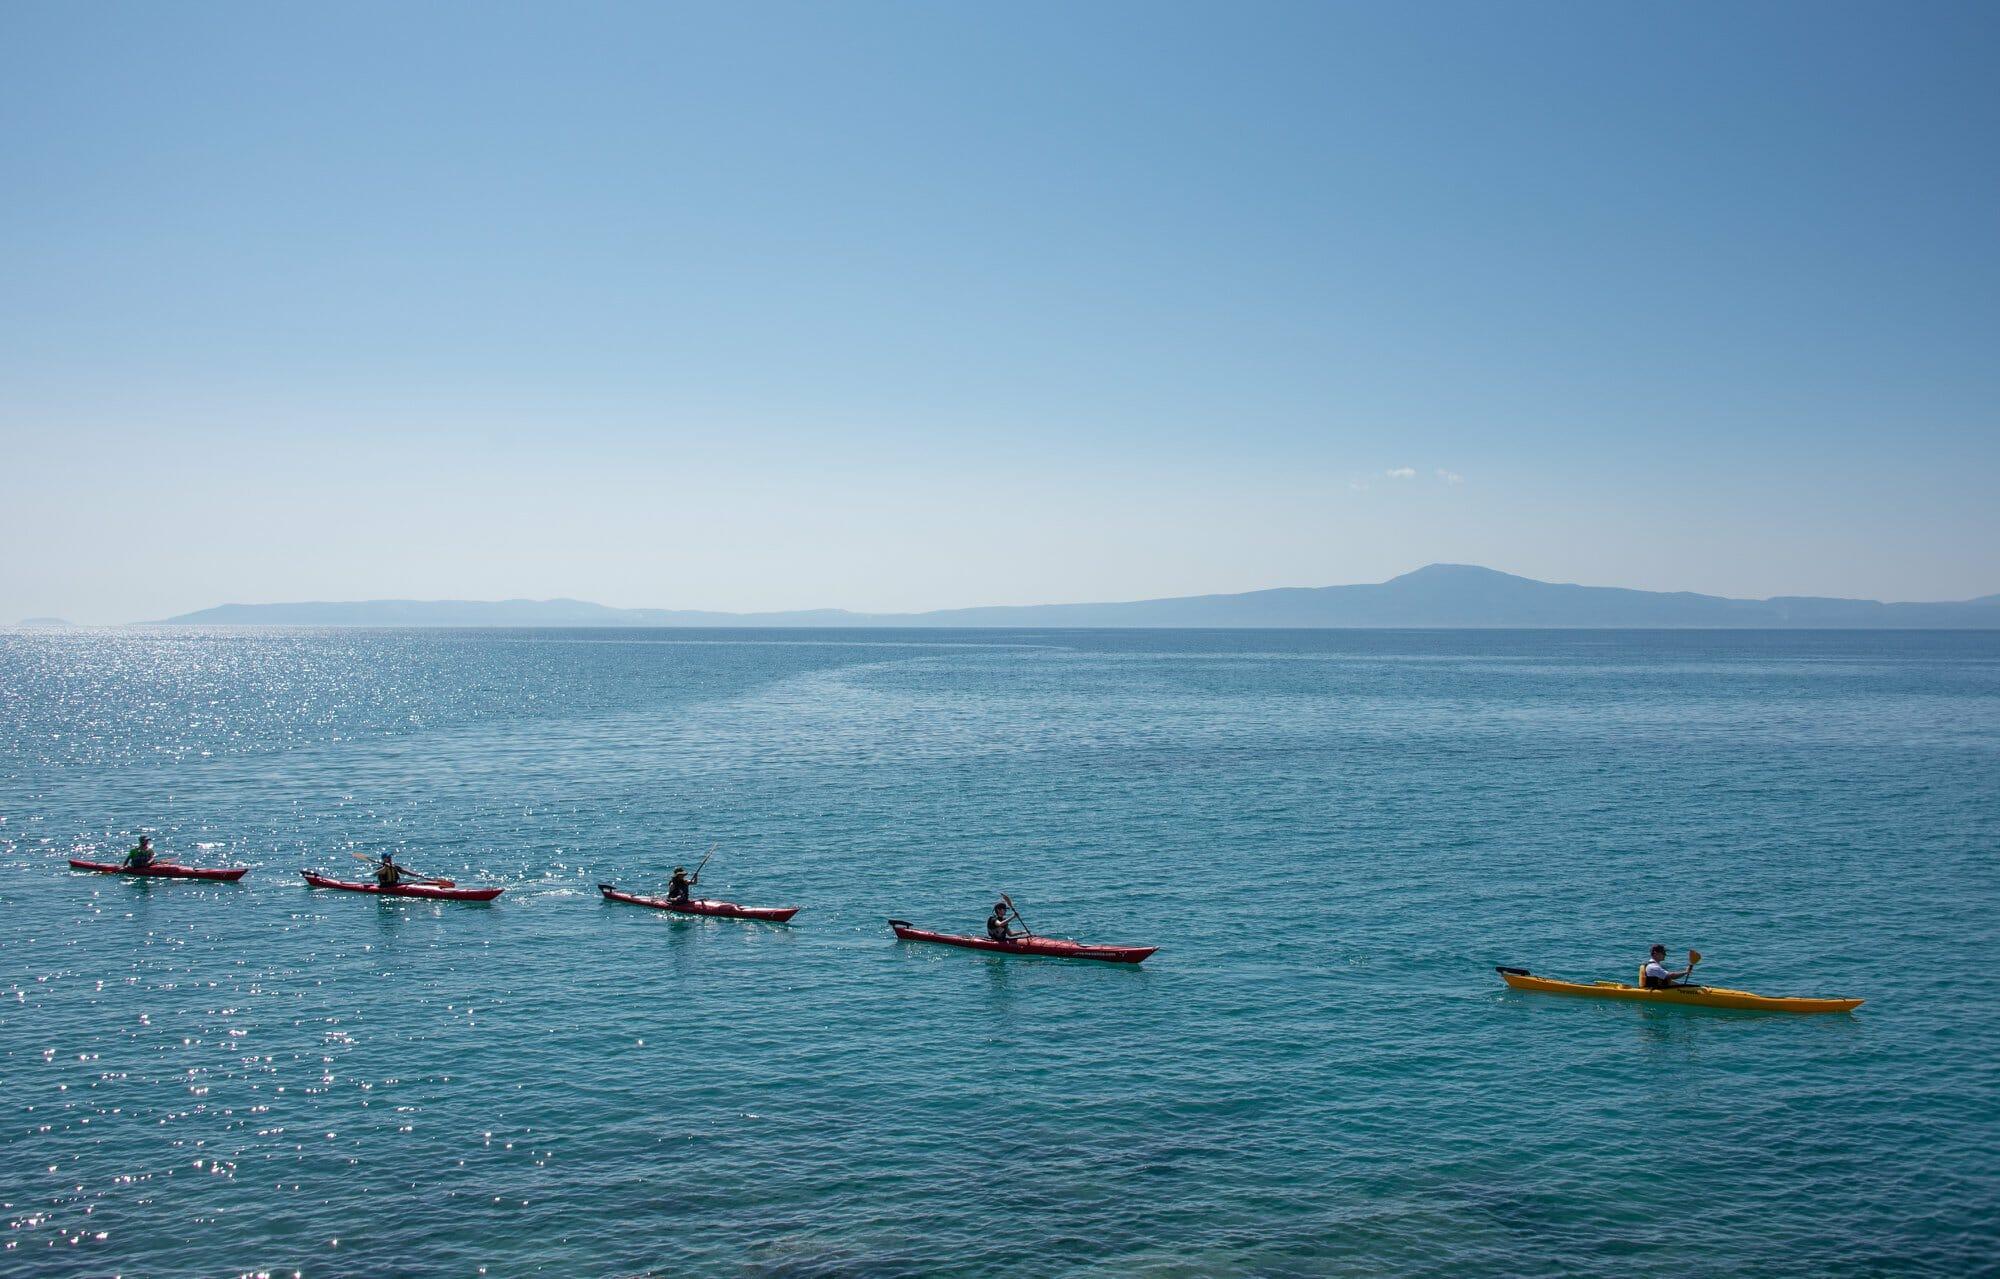 Kayaking on Messinian Bay